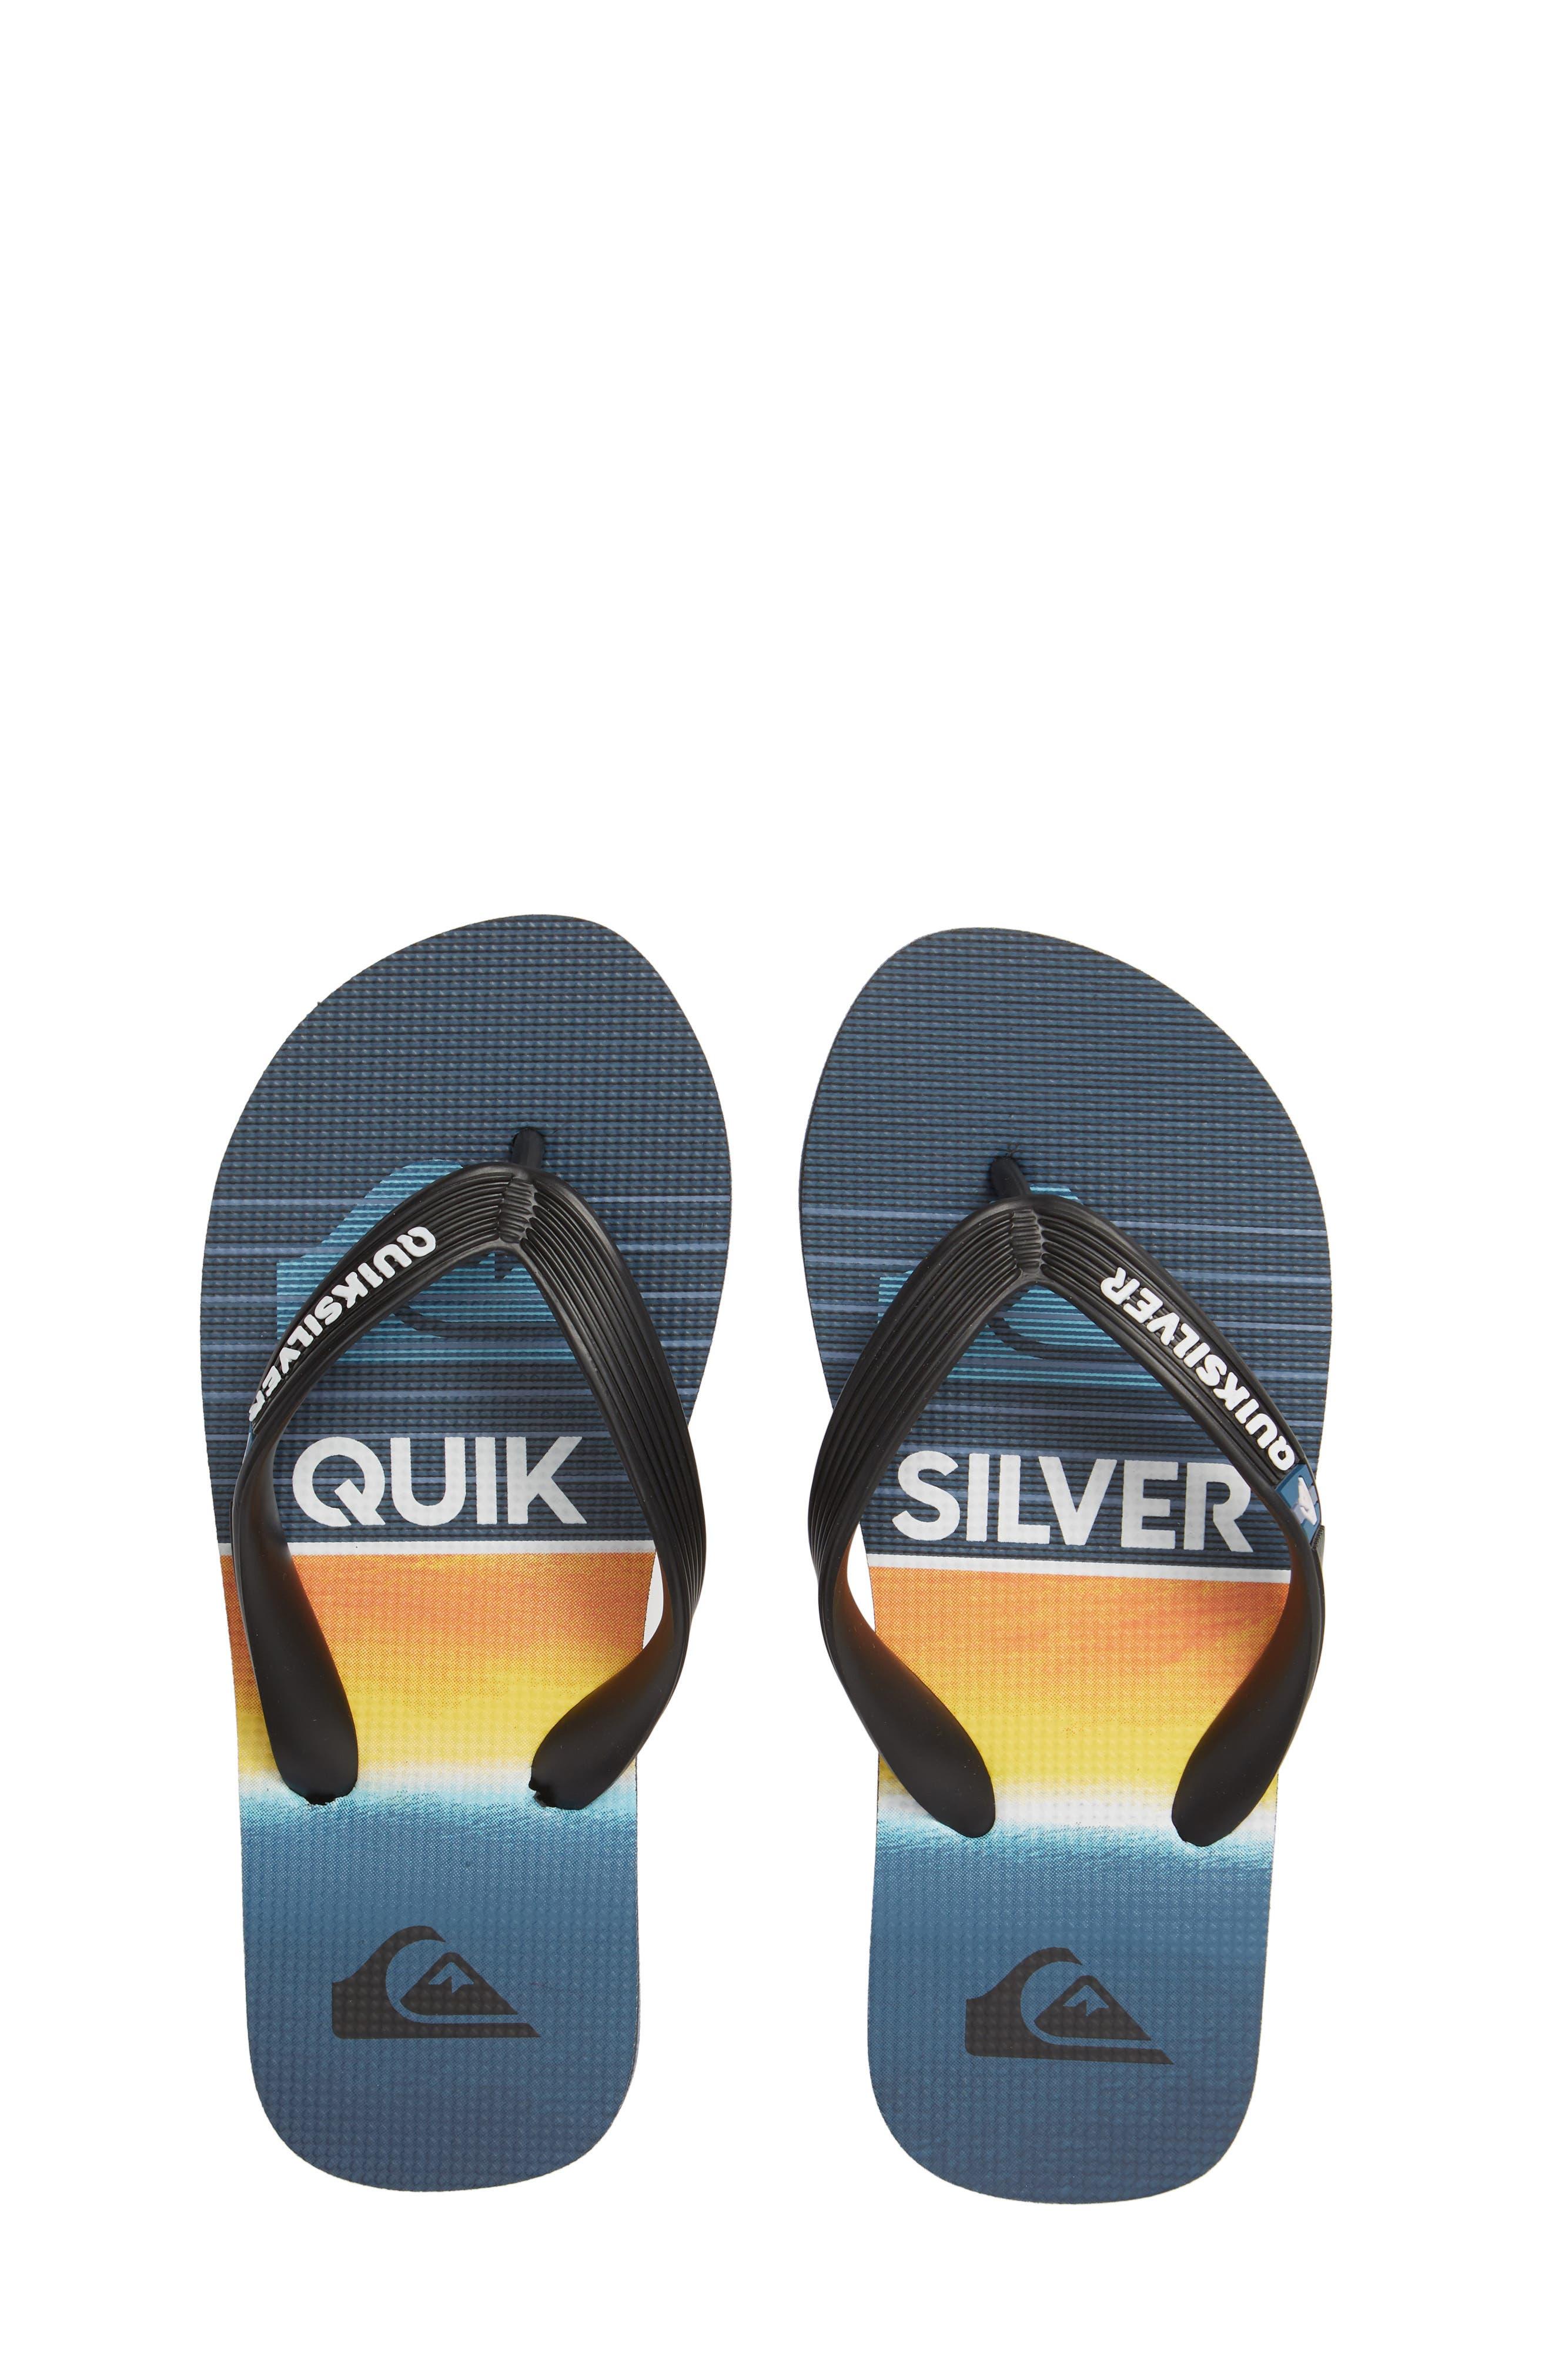 QUIKSILVER Highline Slab Flip Flop, Main, color, BLACK/ BLUE/ BLUE